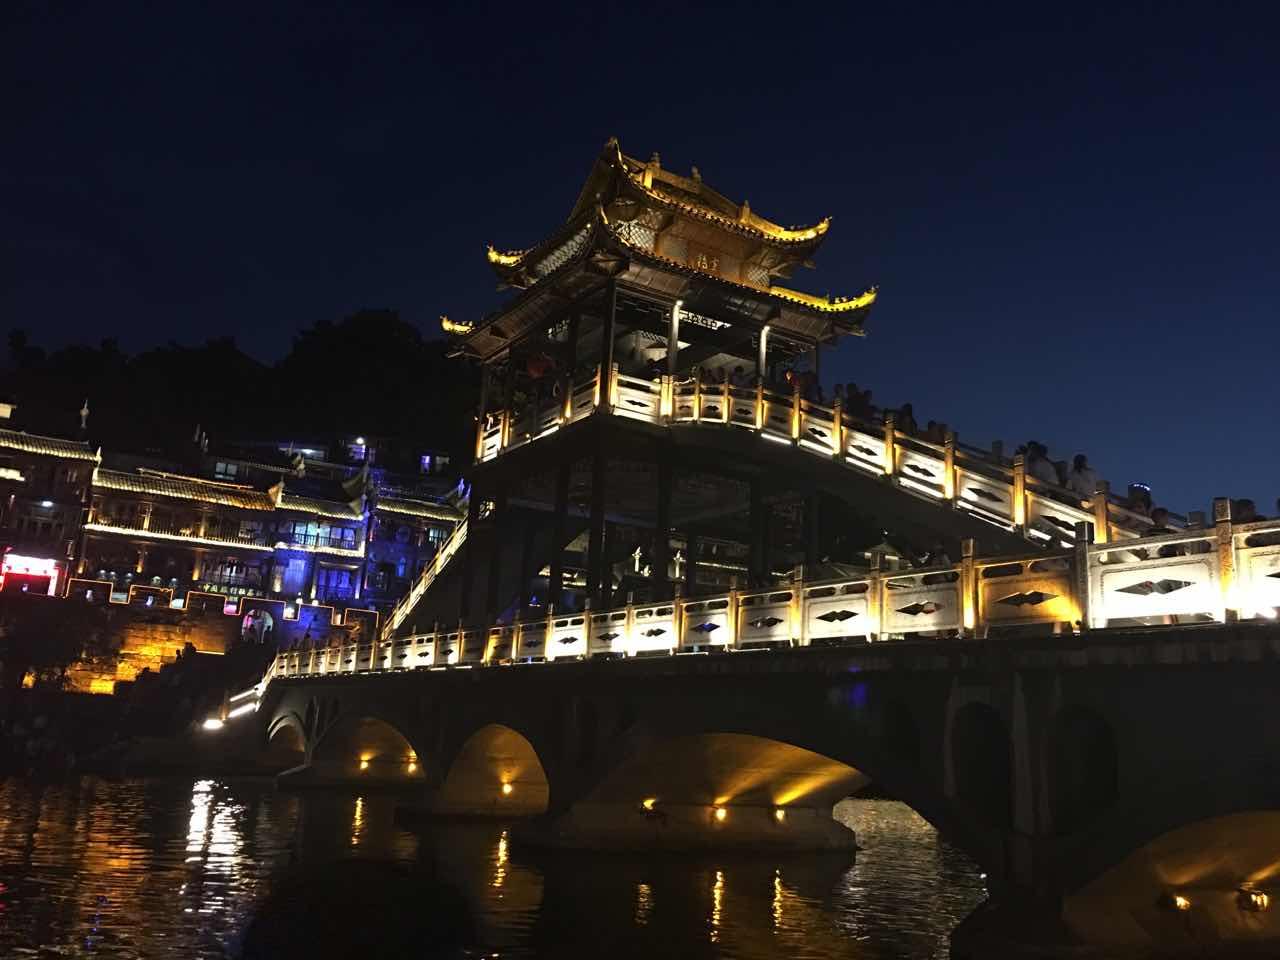 Kết quả hình ảnh cho Fenghuang china